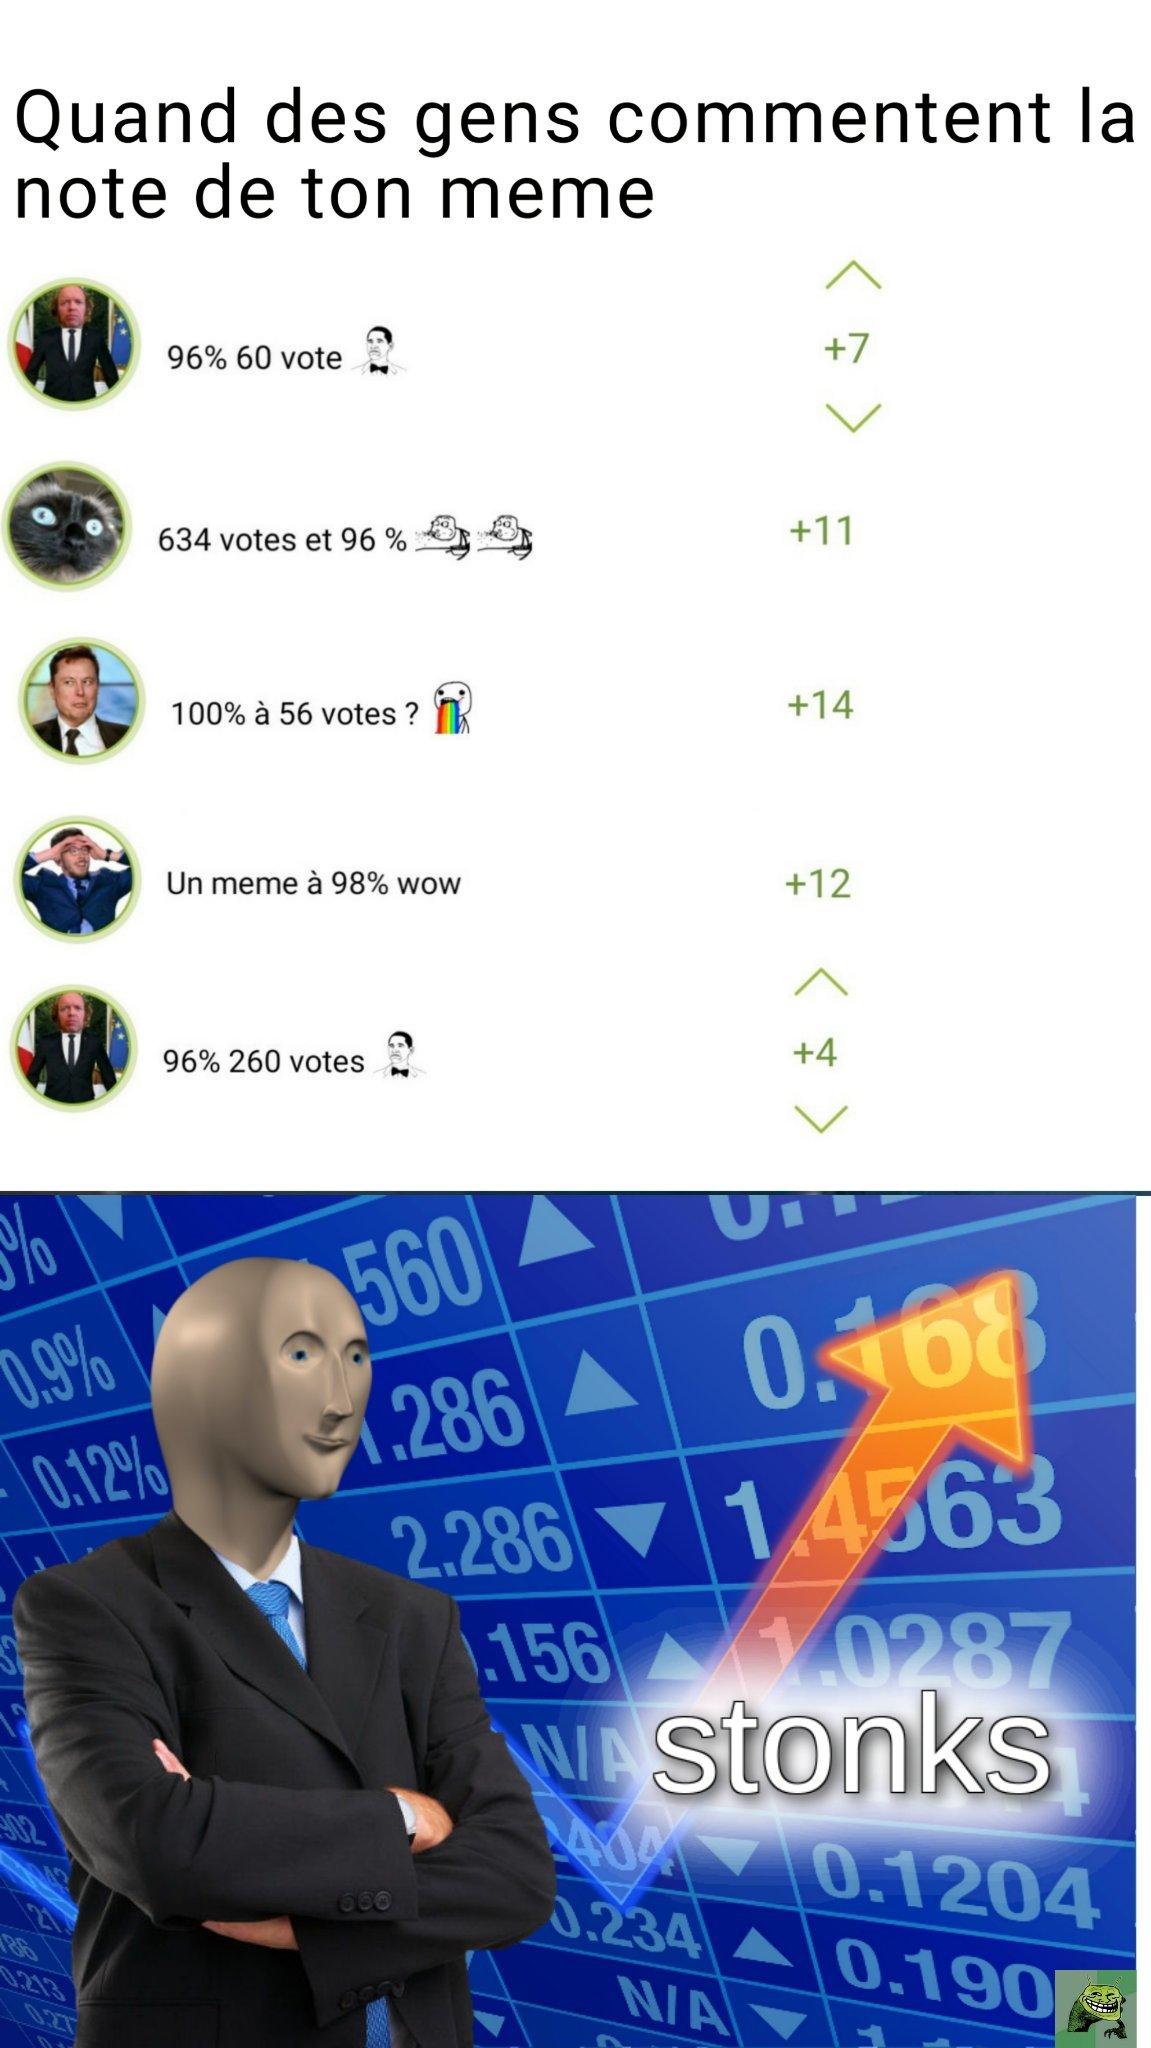 Toujours dans le game - meme